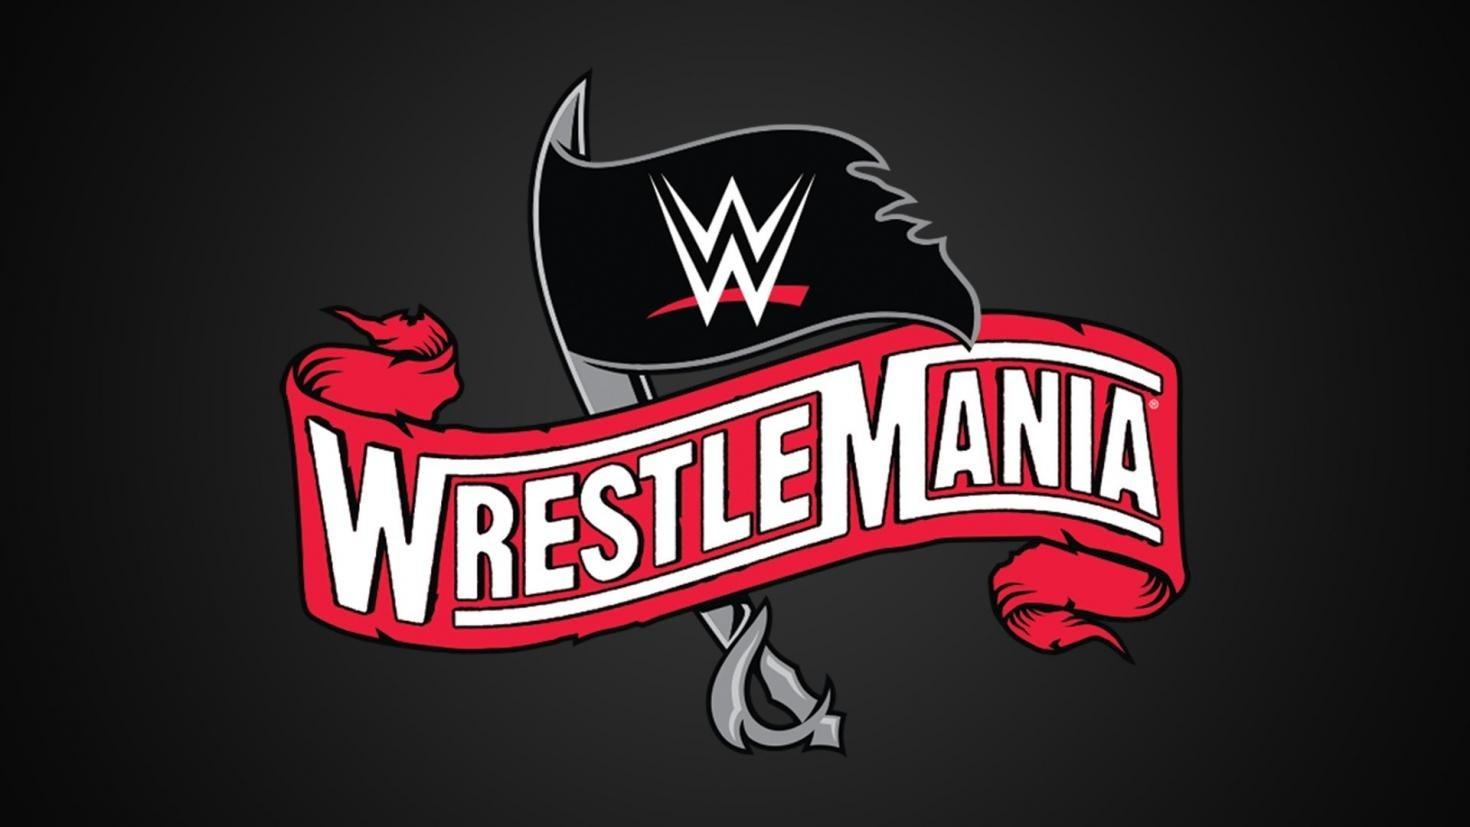 ¿A qué hora comienza hoy WrestleMania 36? Cómo ver, transmitir en vivo el programa 2020 gratis 74